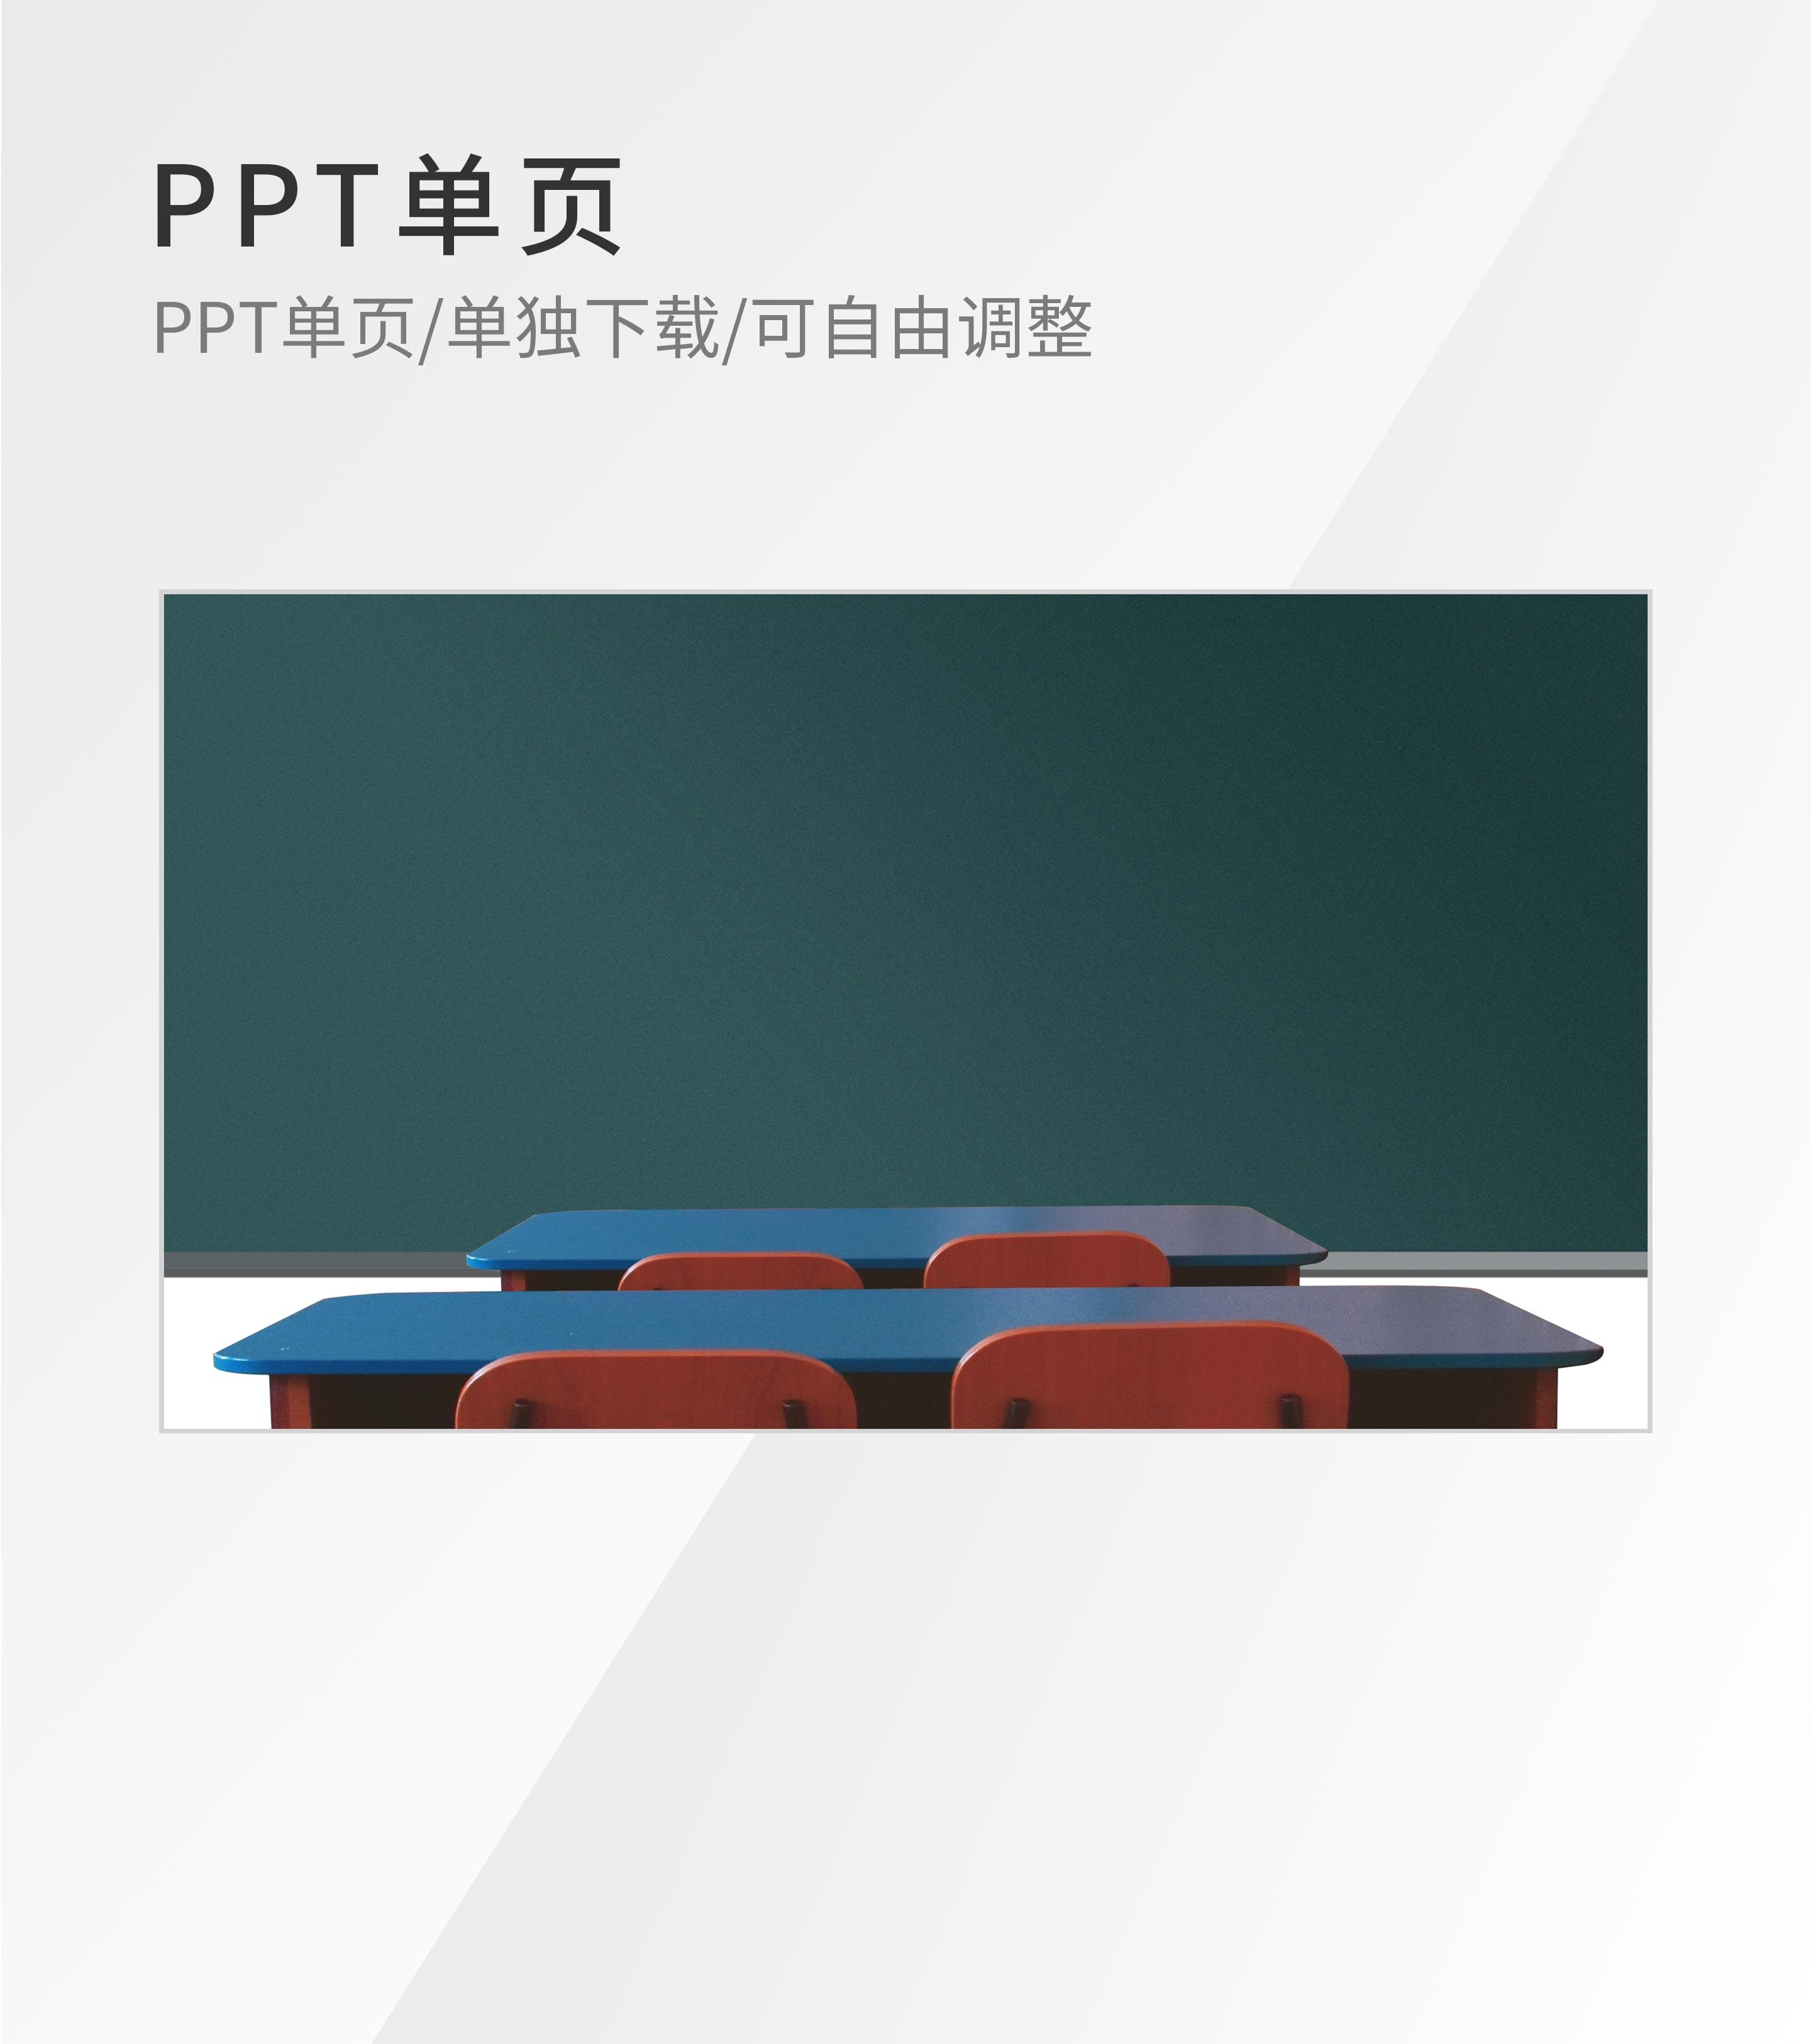 绿色简约风黑板PPT封面背景